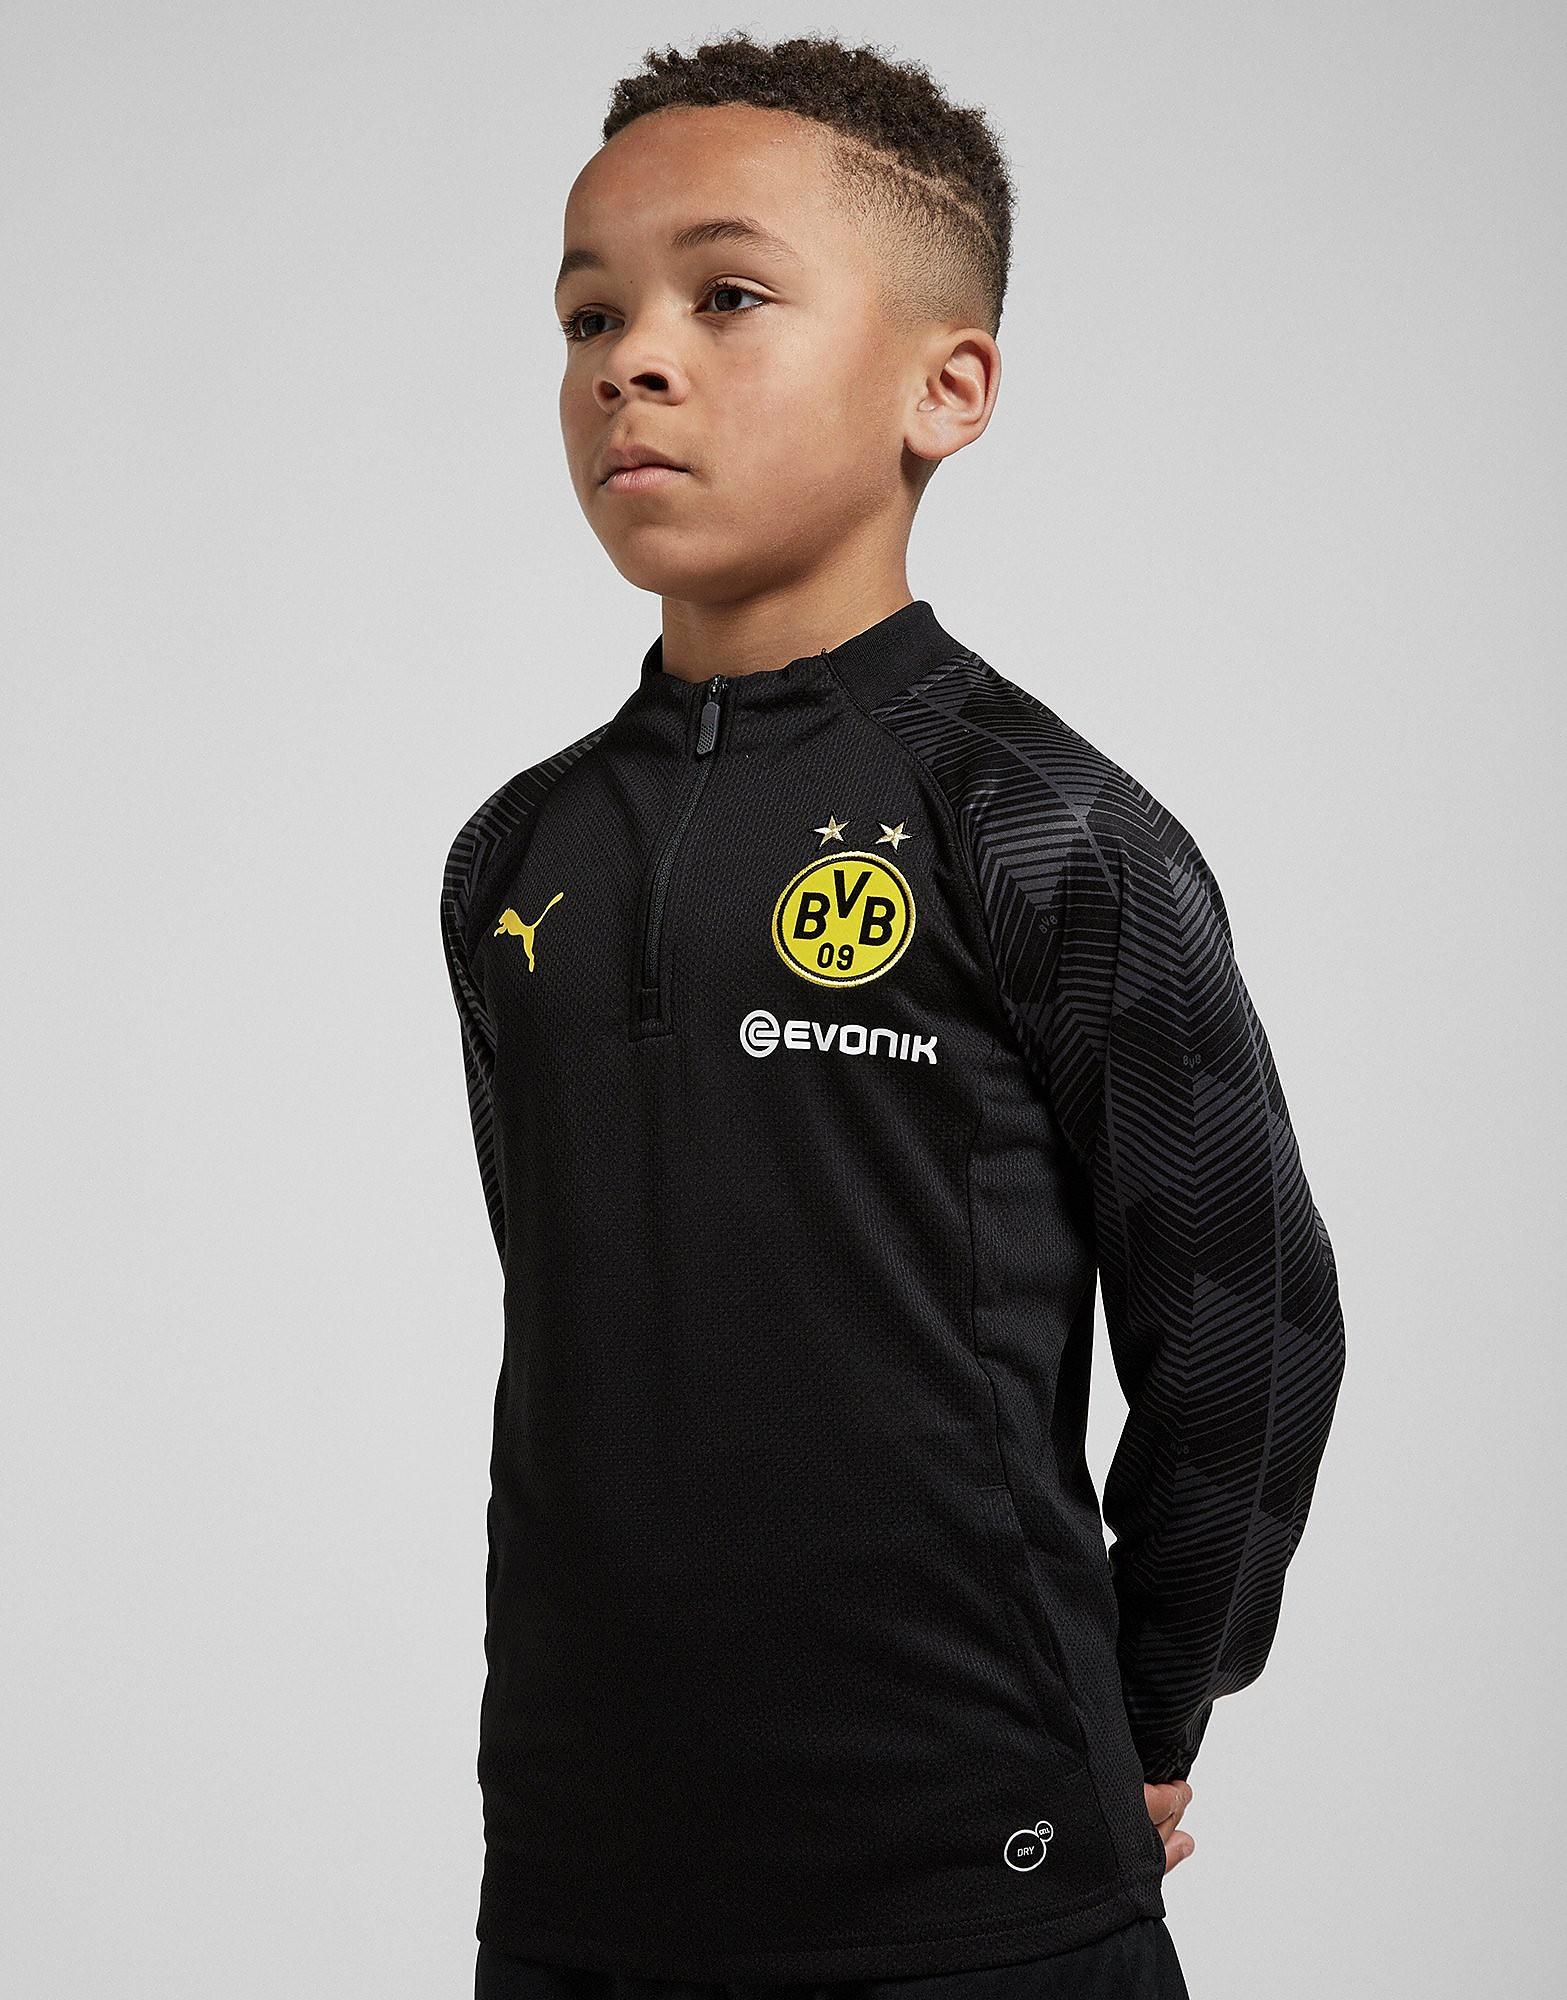 PUMA Borussia Dortmund 2018 1/4 Zip Training Top Junior